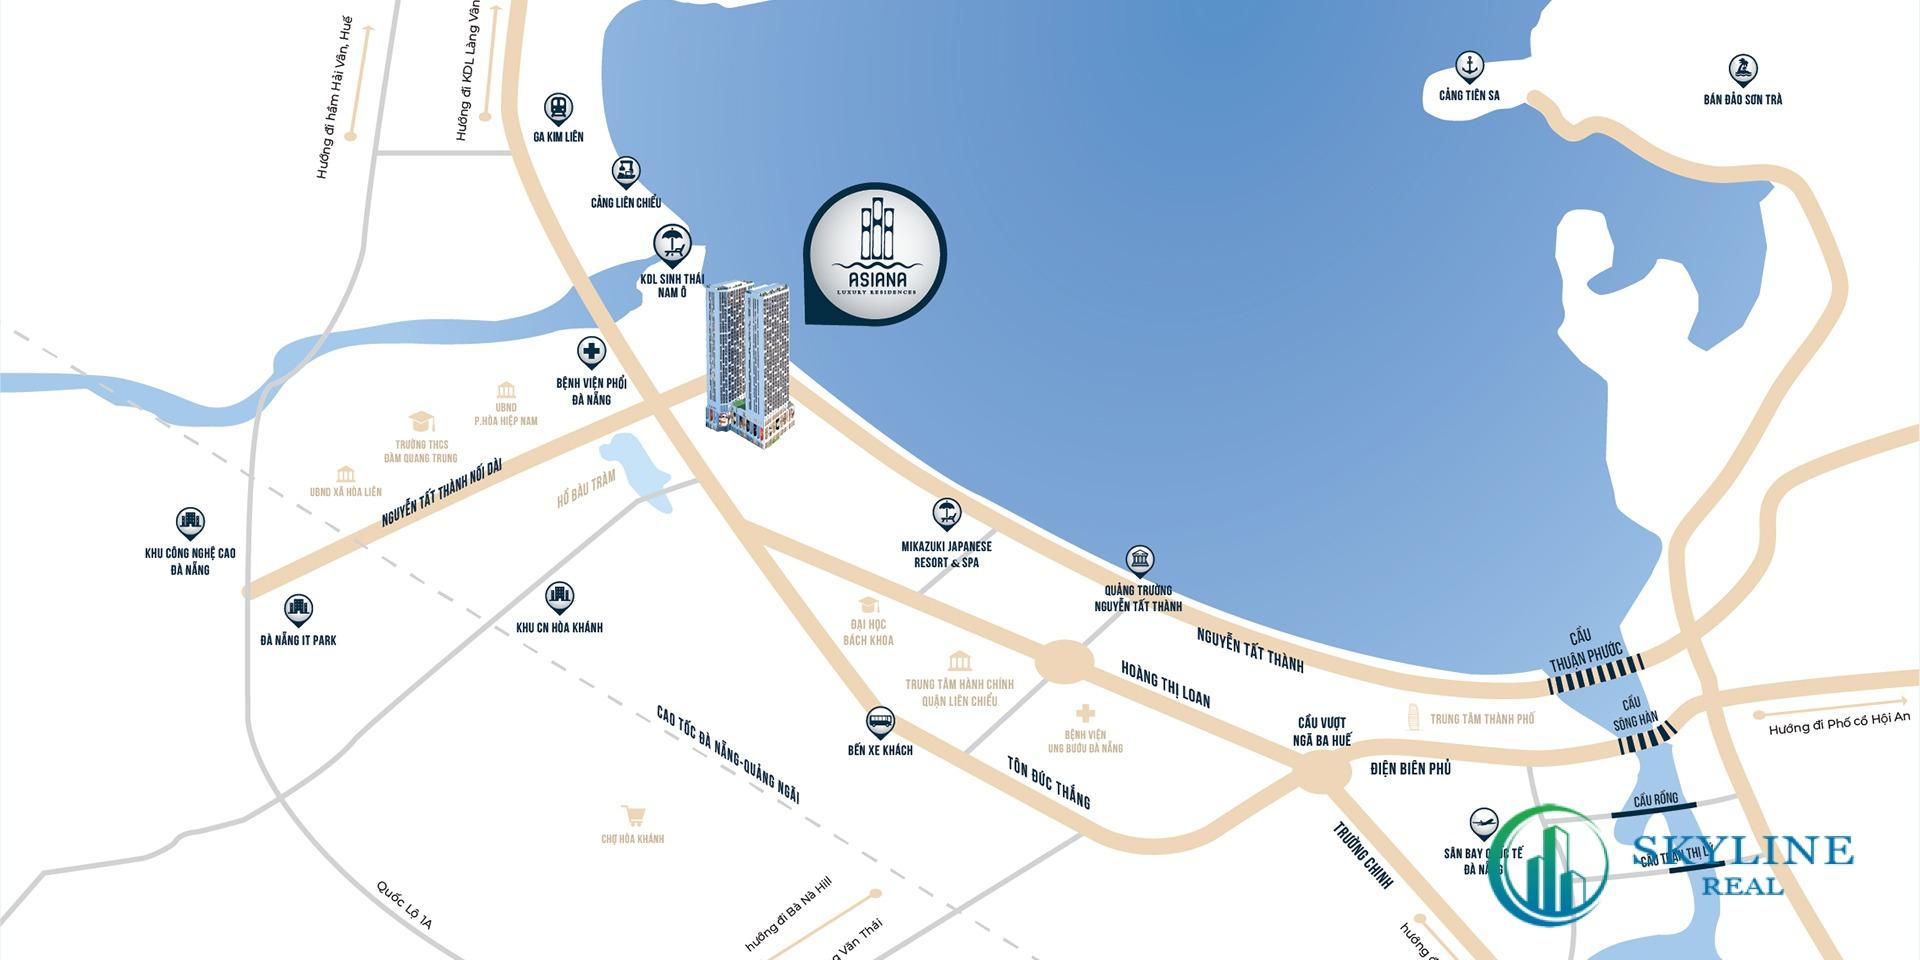 Vị trí của dự án căn hộ Asiana Đà Nẵng chủ đầu tư Gotec Land